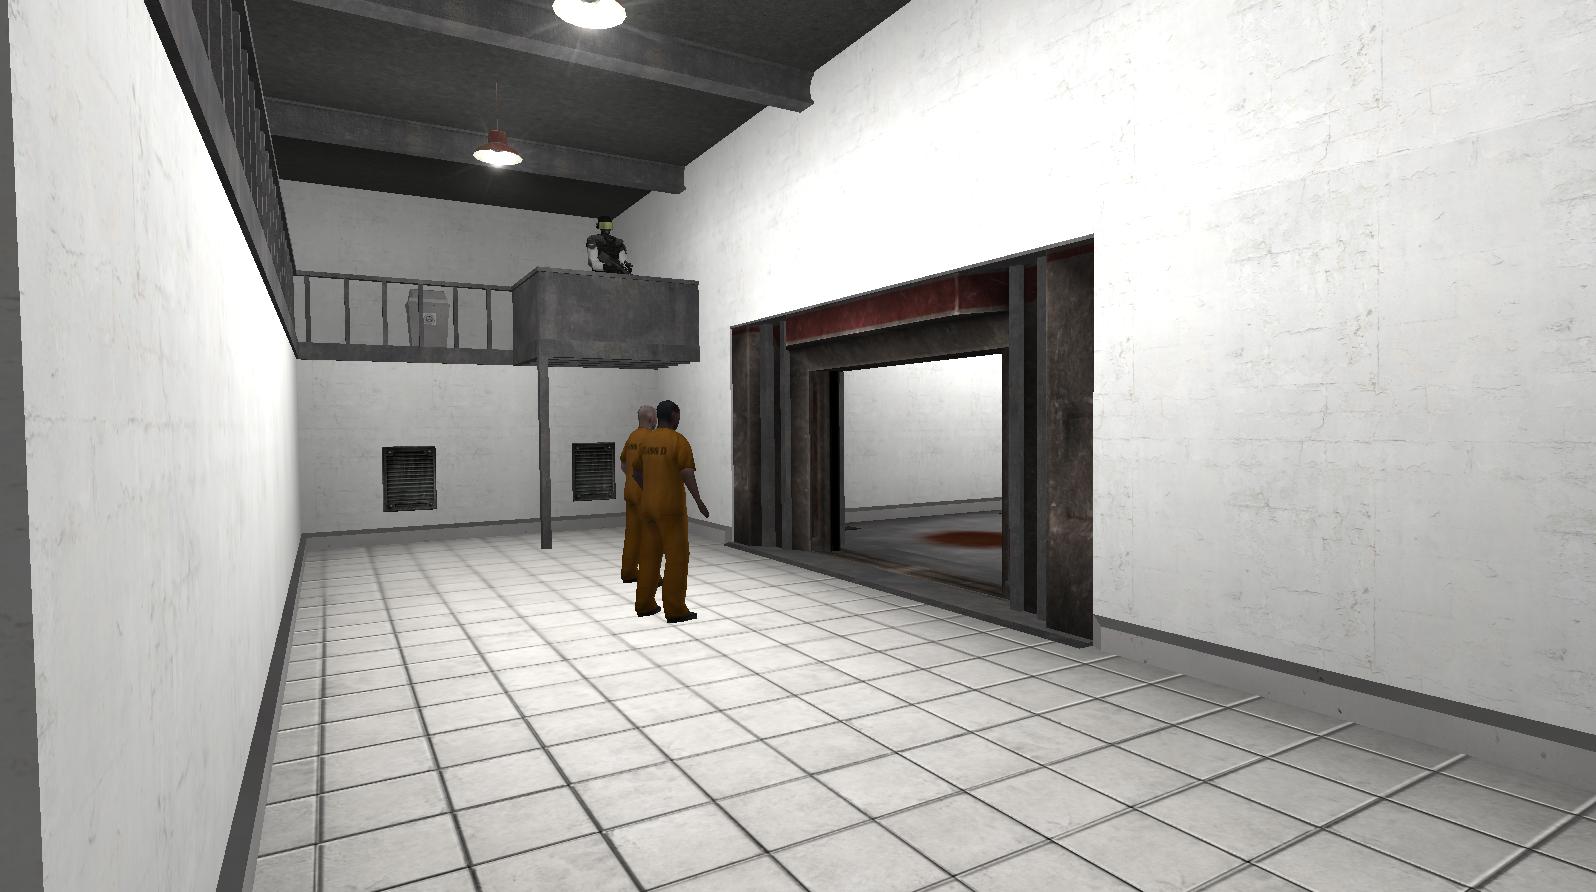 Консольные команды | SCP - Containment Breach вики | FANDOM